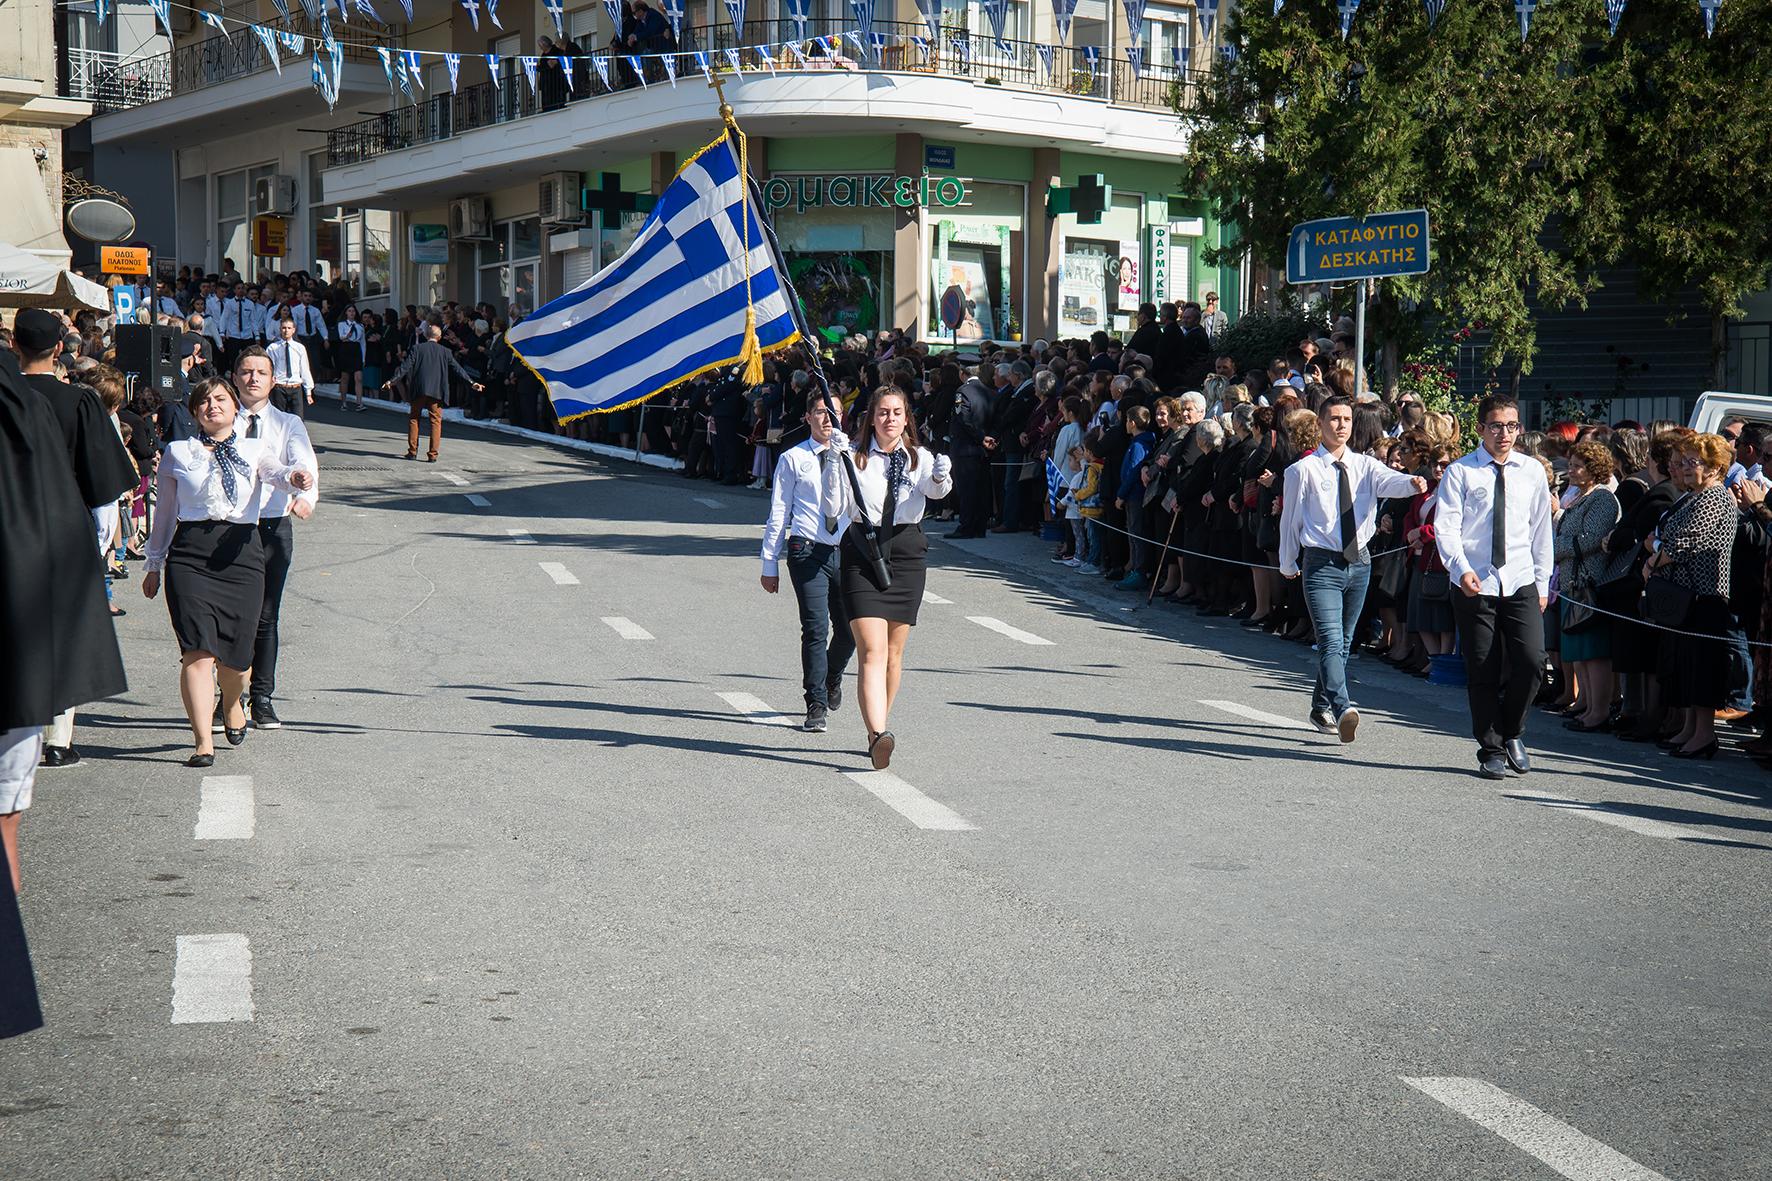 Η επέτειος του ΟΧΙ της 28ης Οκτωβρίου στην Δεσκάτη Γρεβενών